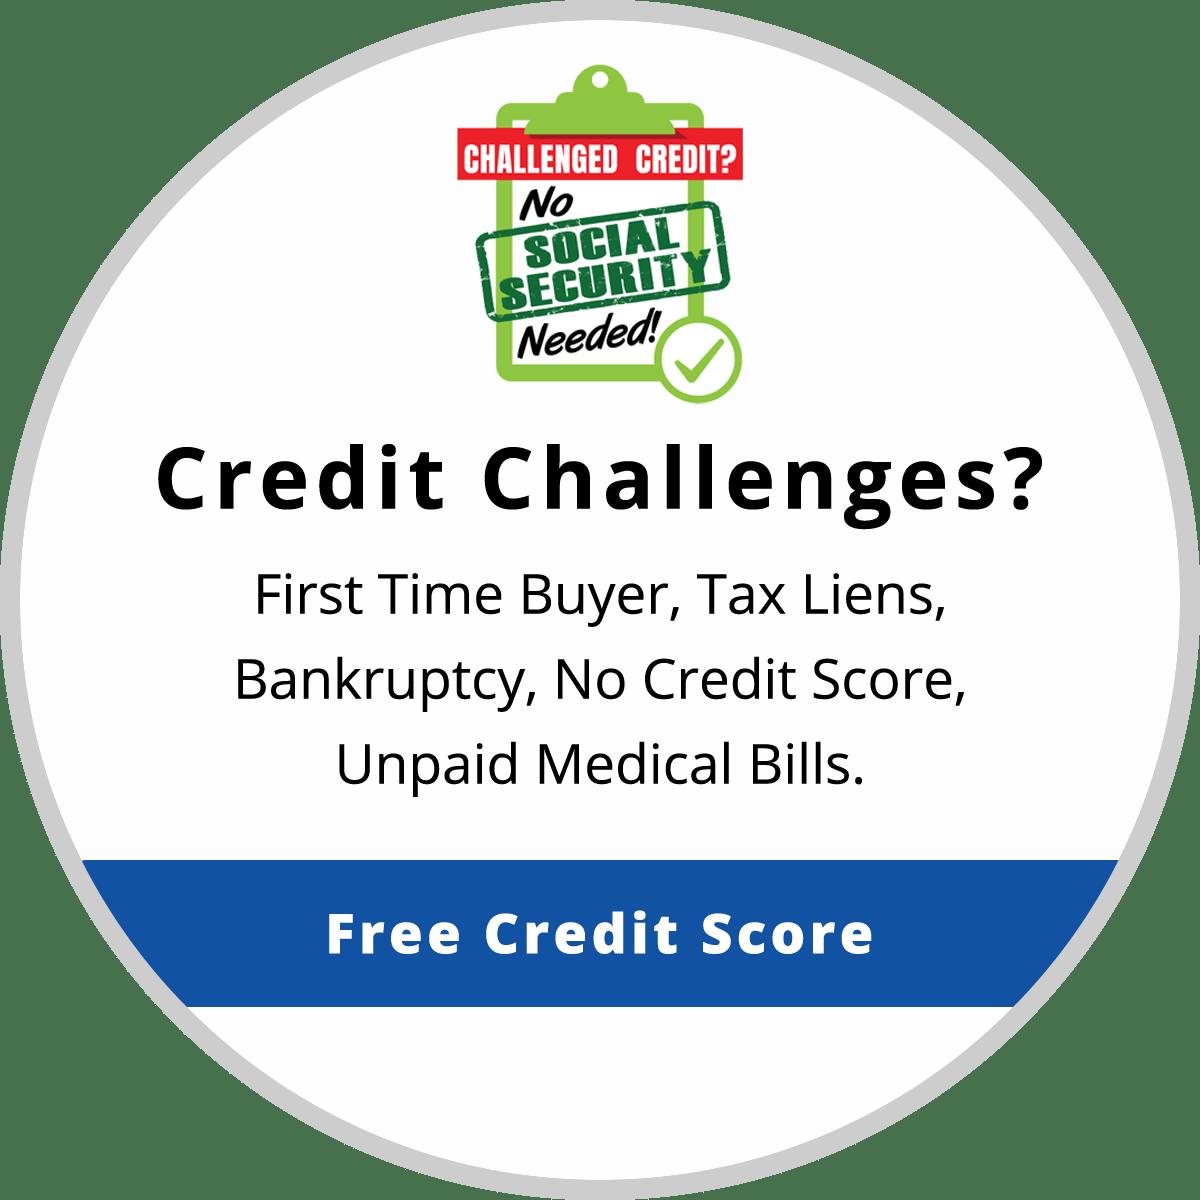 Credit Challenges